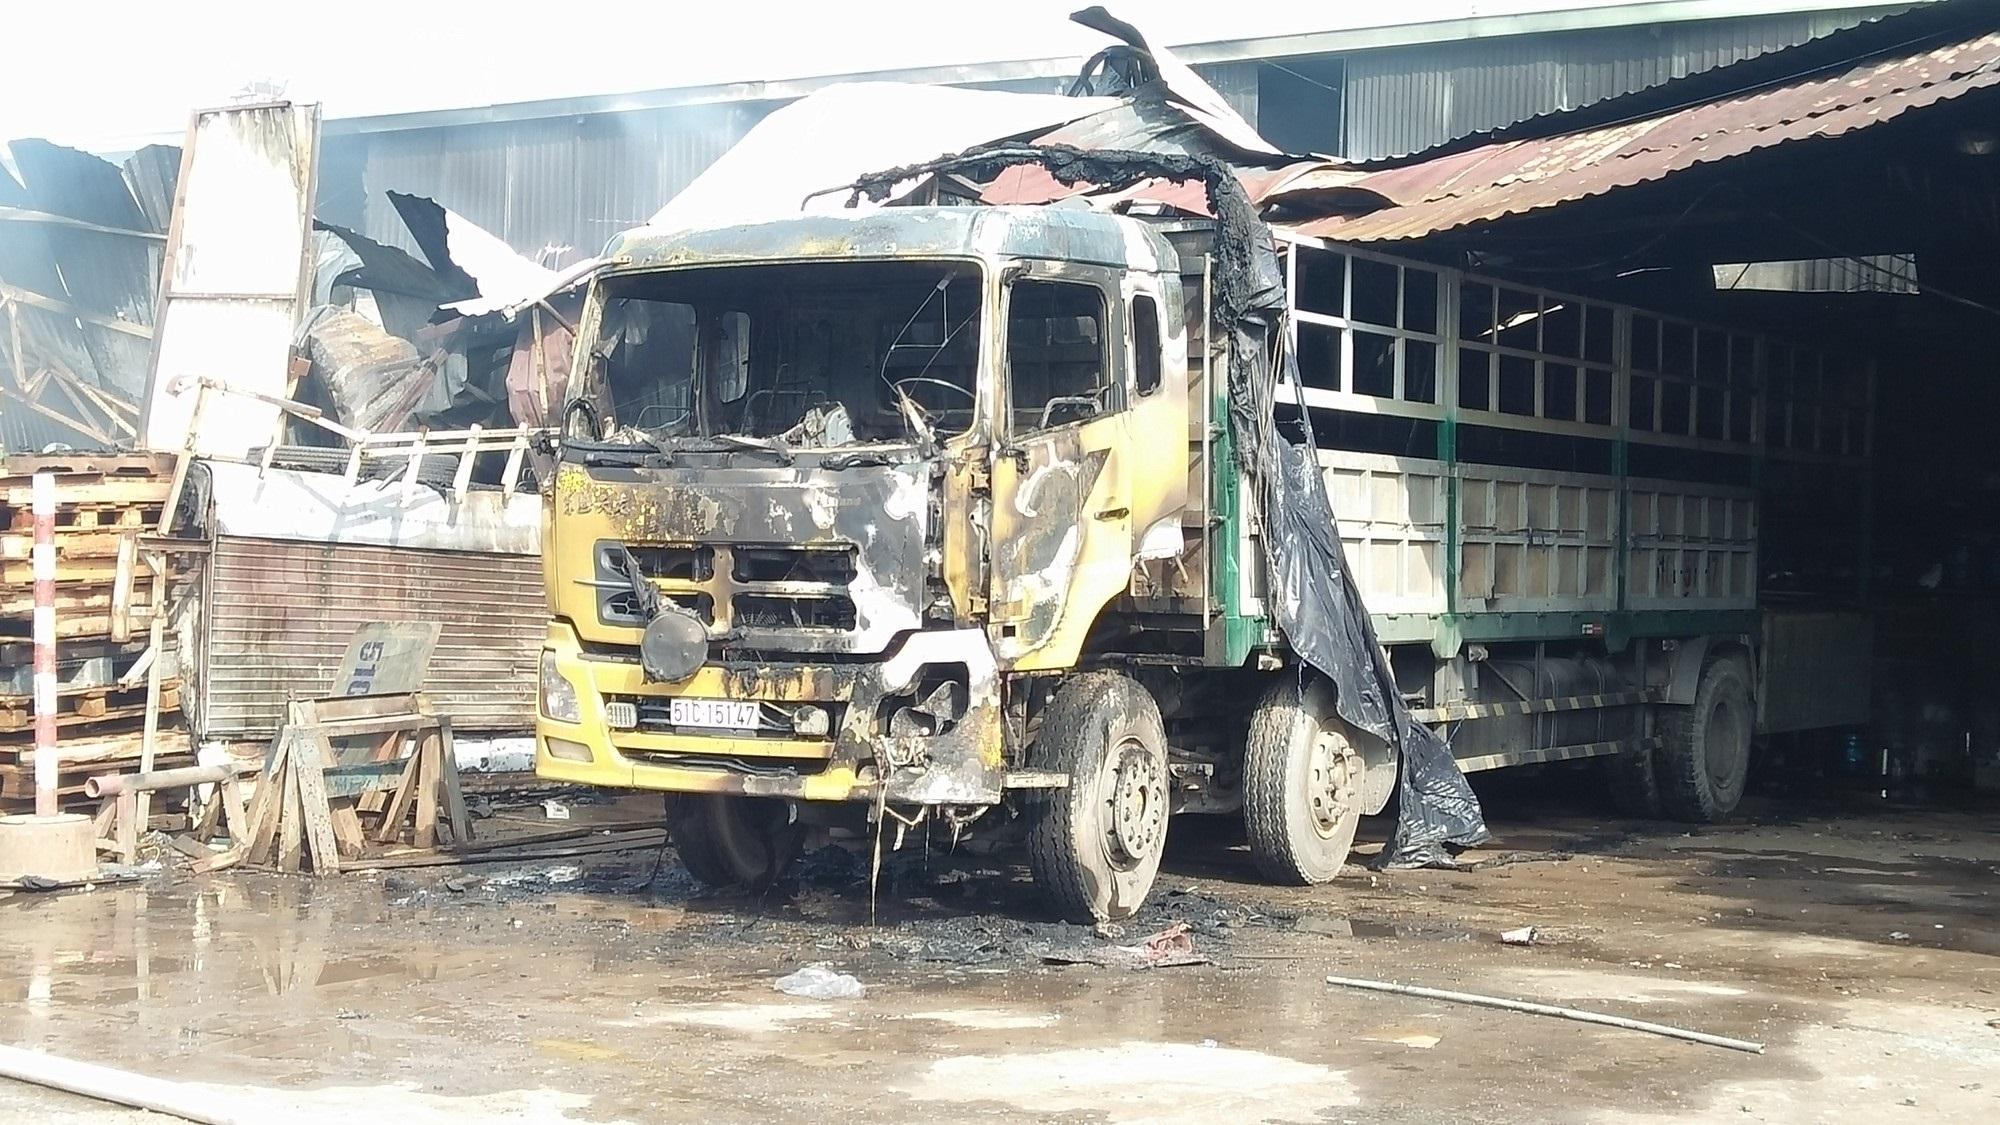 Cháy lớn dữ dội tại kho hàng, tài xế lái xe tải chạy ra ngoài thoát thân ở Sài Gòn - Ảnh 2